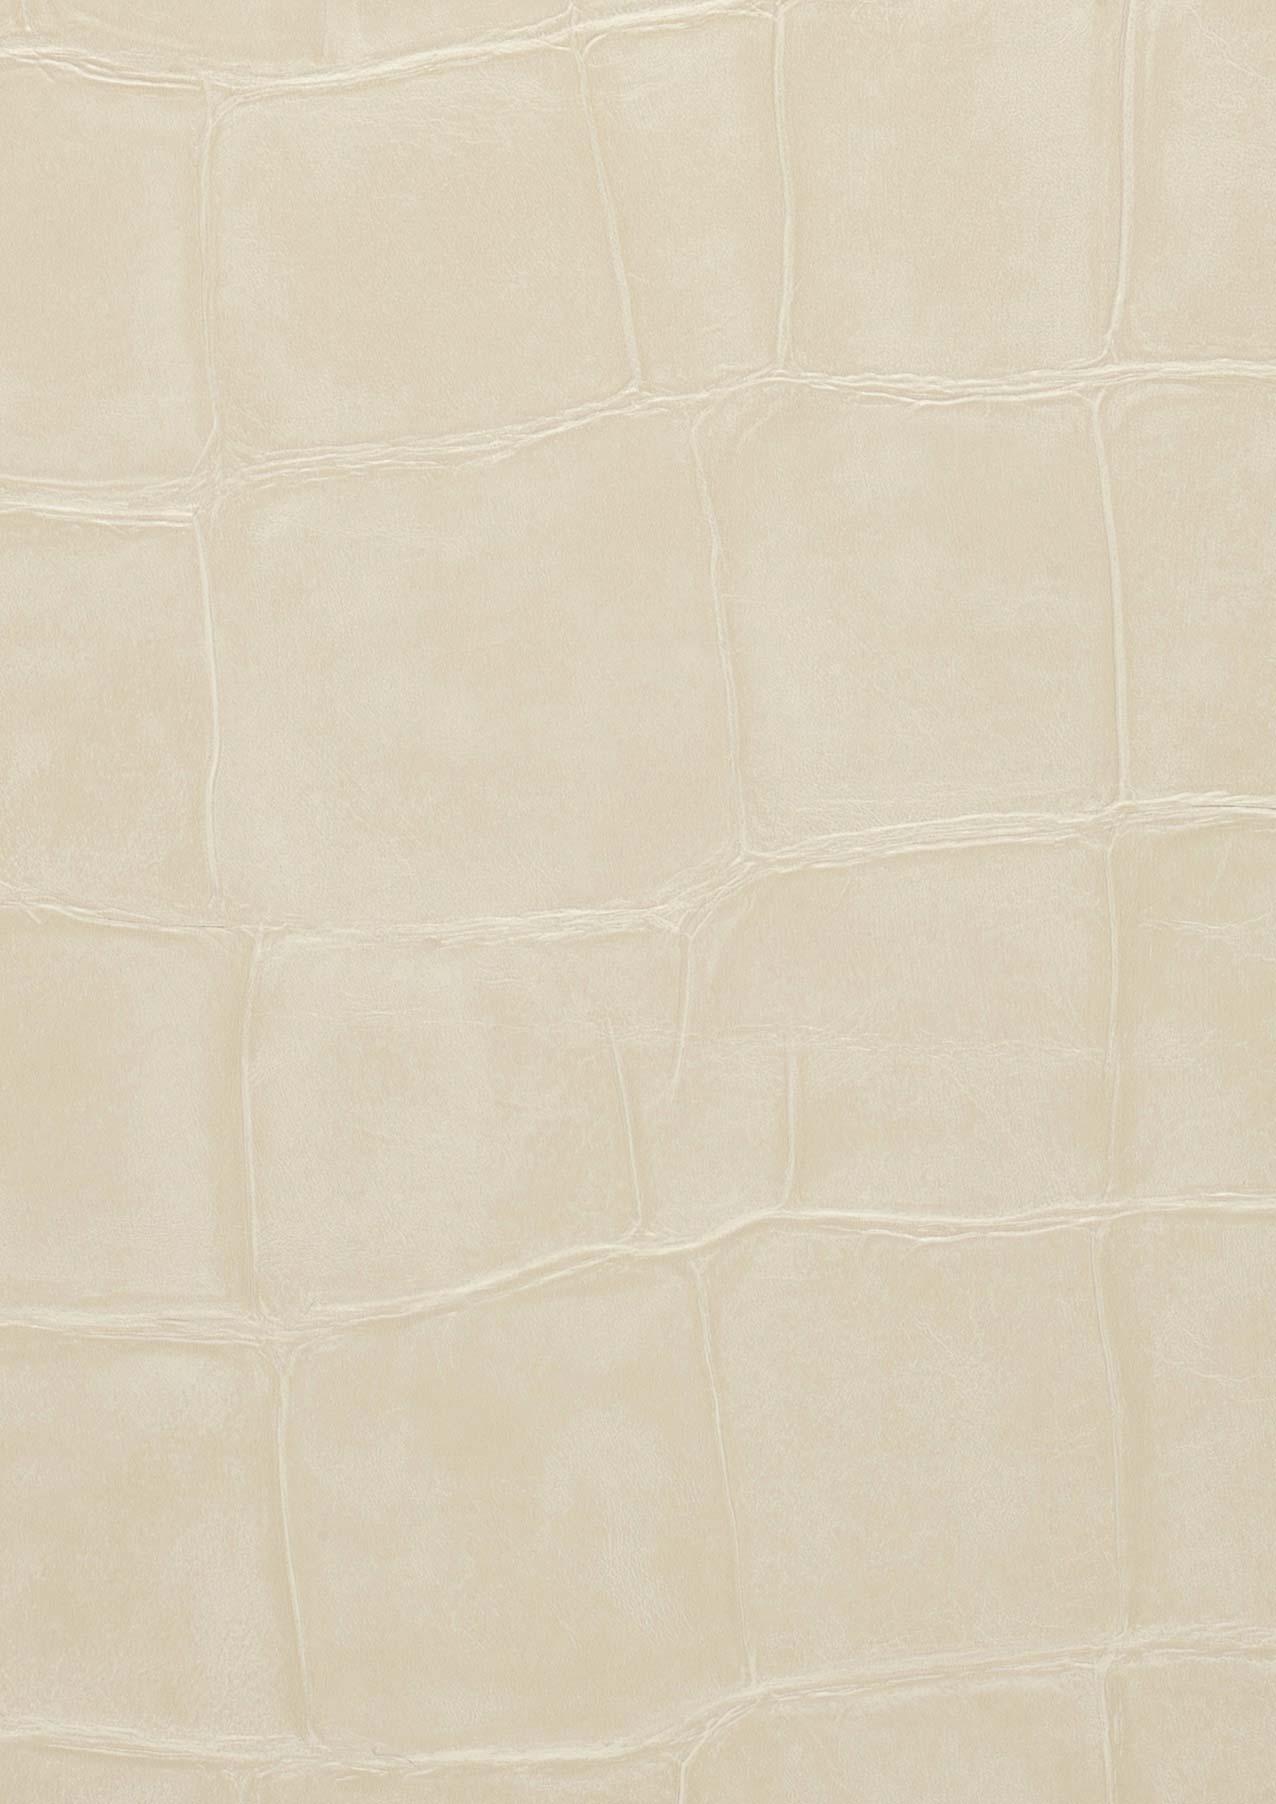 papier peint croco 11 ivoire clair papier peint des ann es 70. Black Bedroom Furniture Sets. Home Design Ideas